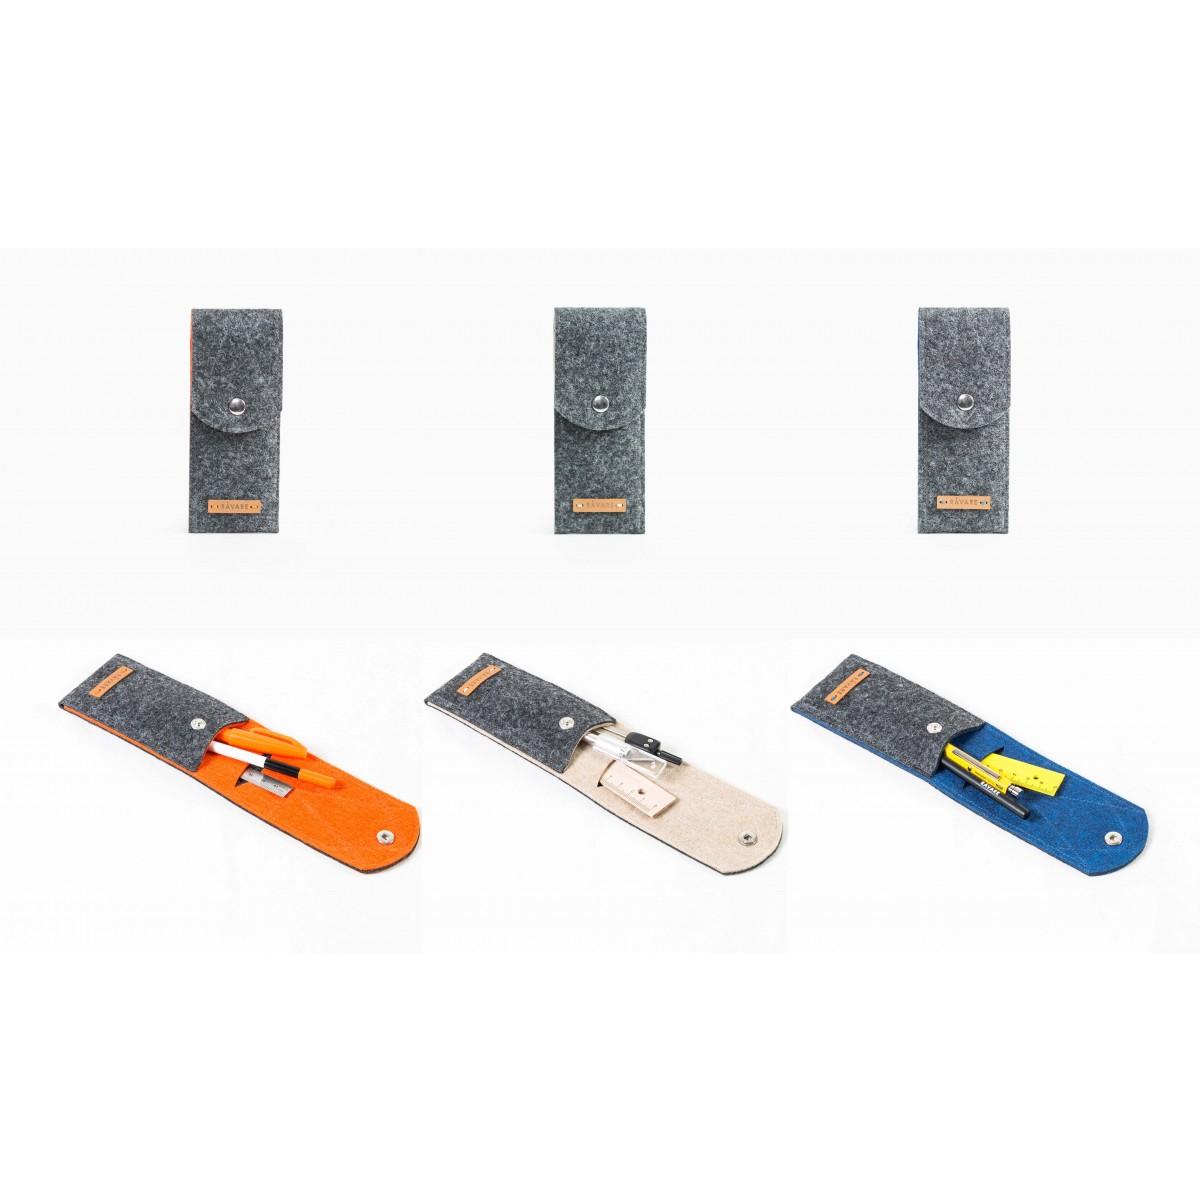 RÅVARE Stifthalter für 3 bis 4 Stifte & Lineal, Stiftemäppchen, Stiftetui, Federmäppchen, Federmappe in verschiedenen Farben [REMO]